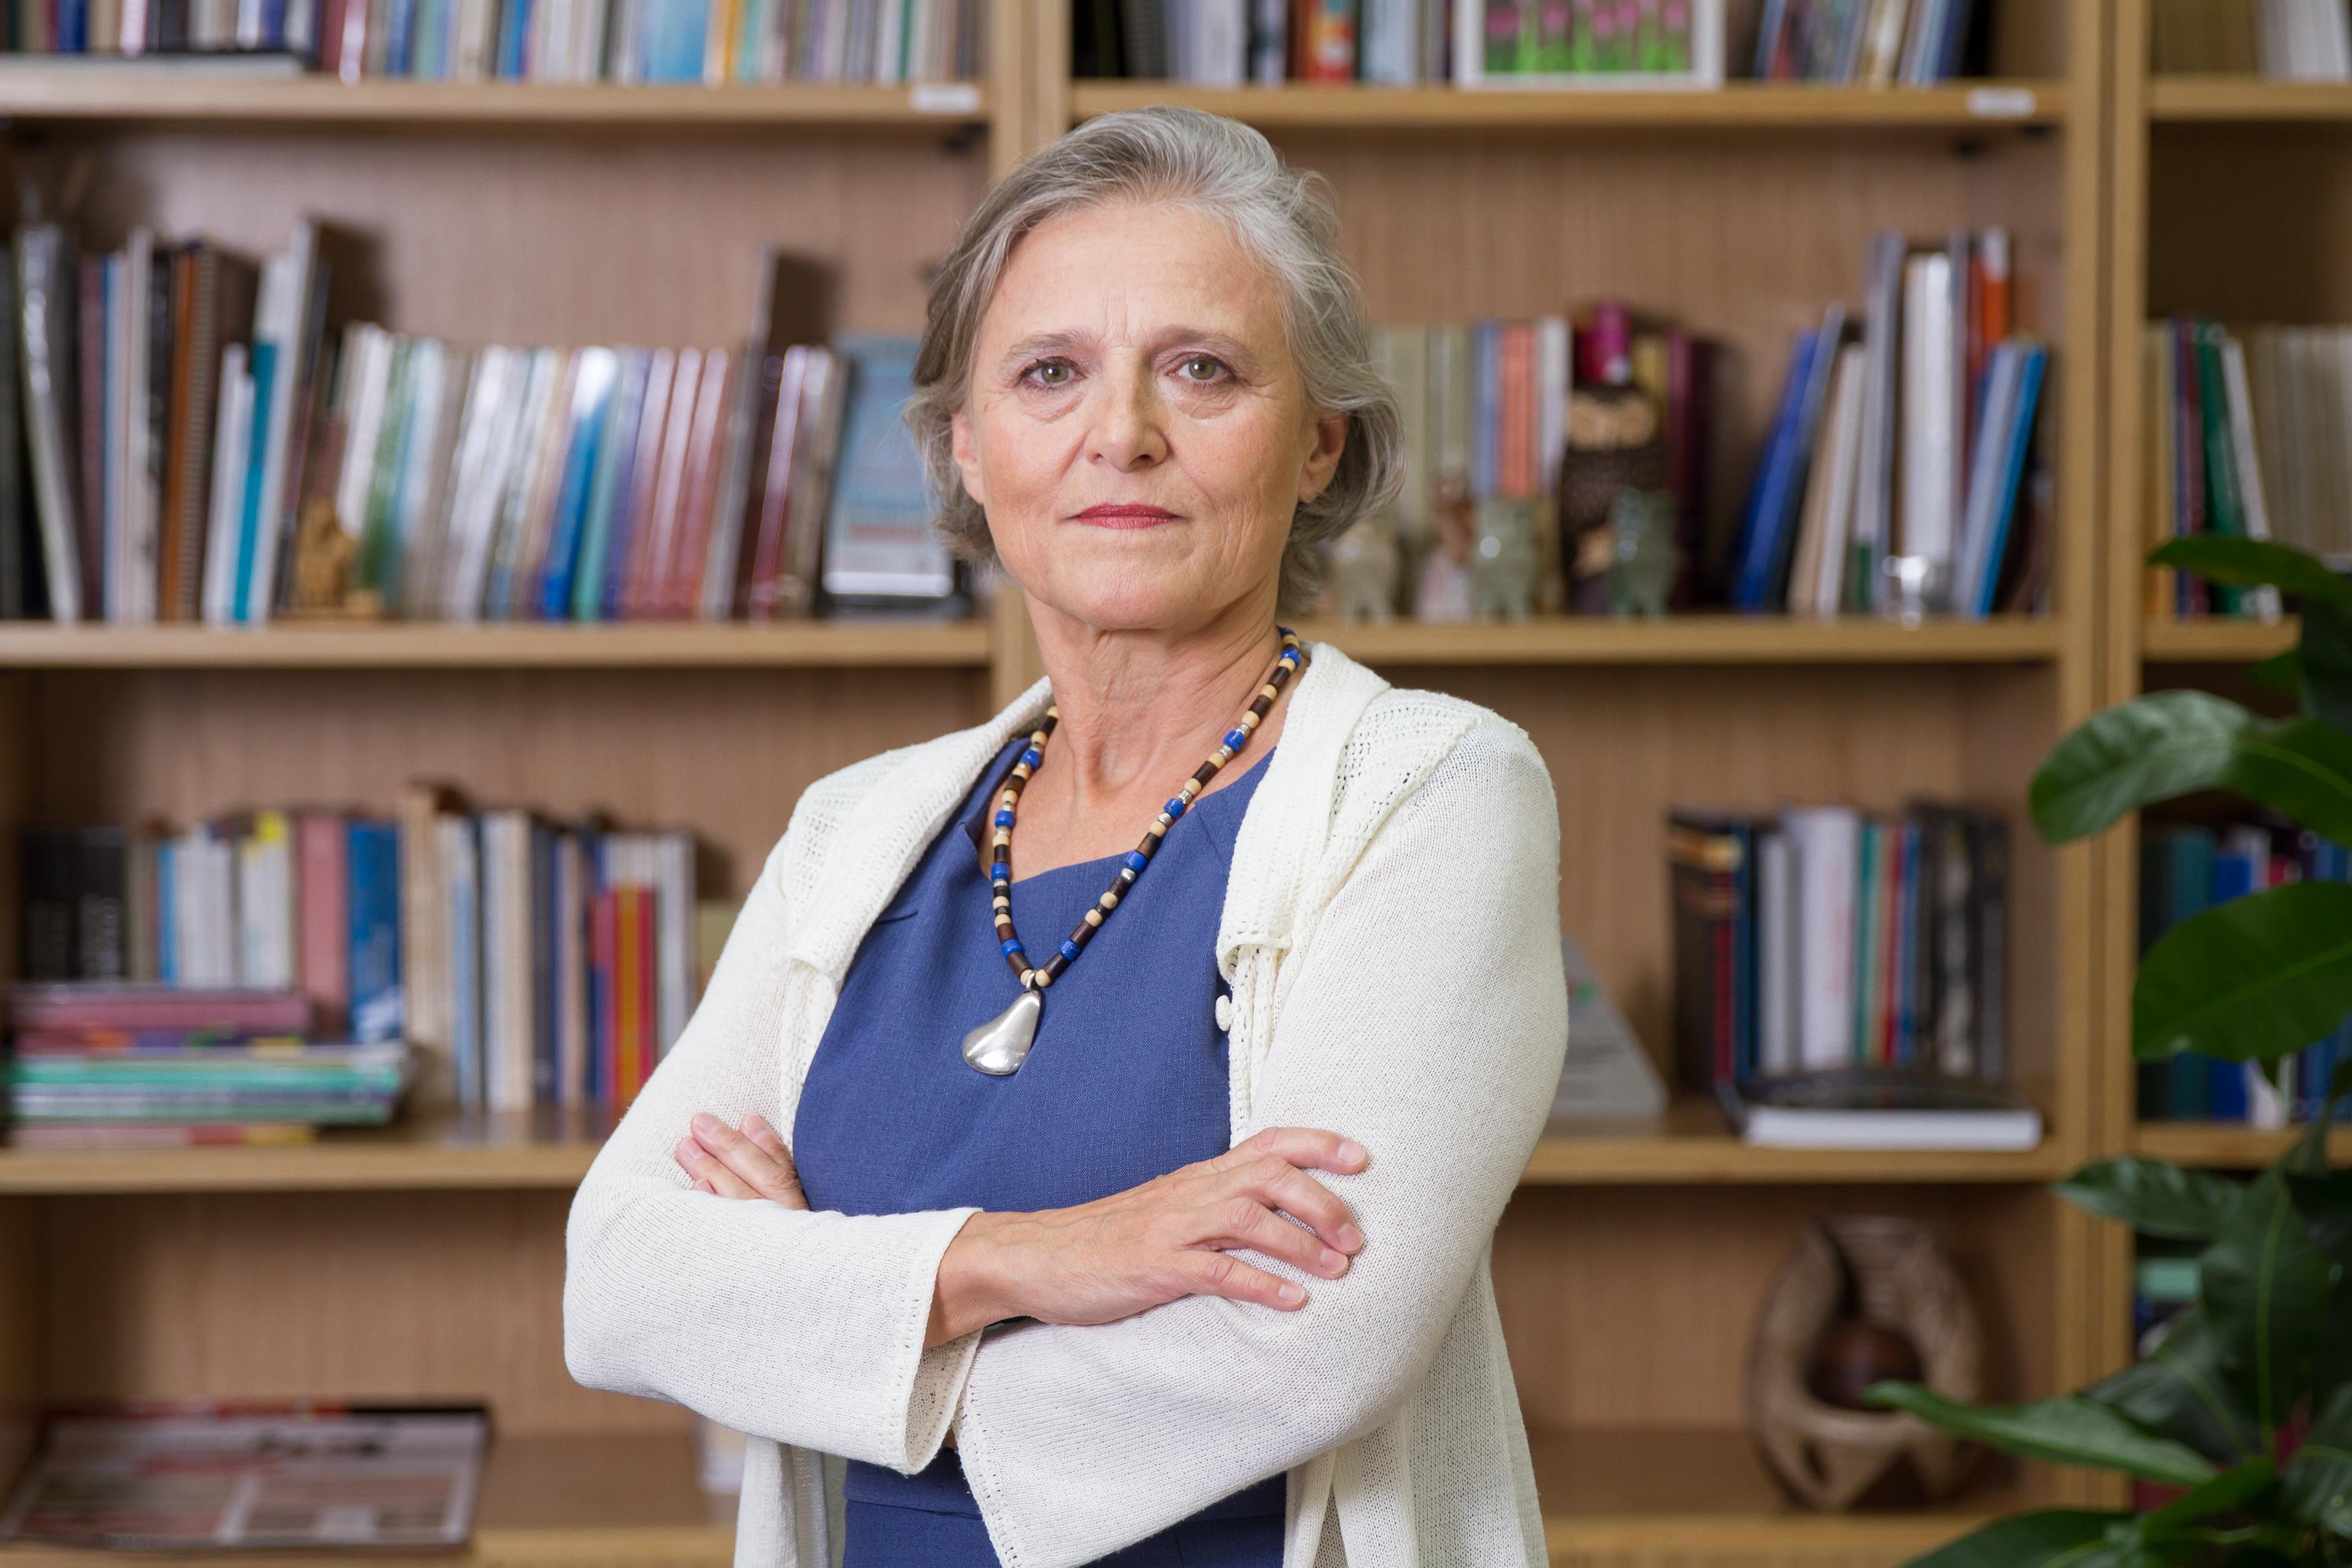 Nota pública à Dra. Ela Wiecko, subprocuradora geral da República/